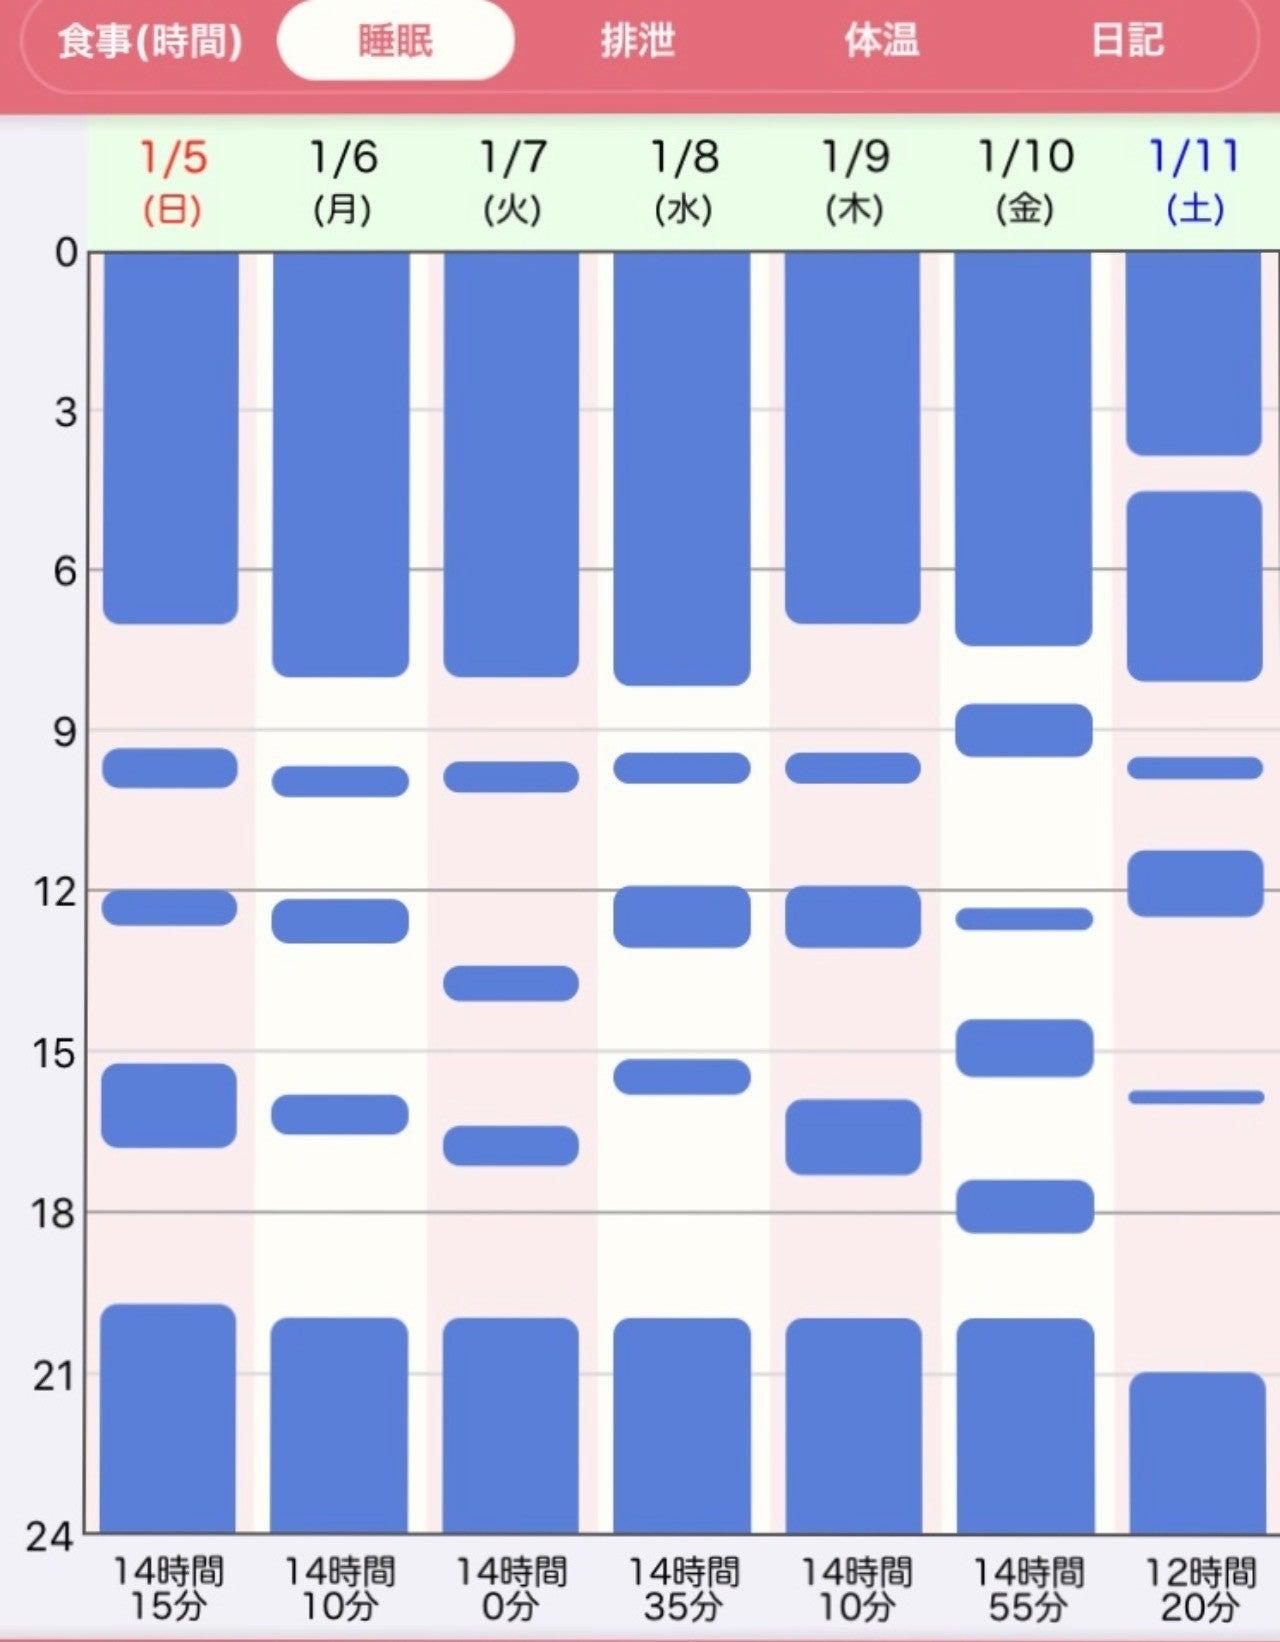 1 時間 赤ちゃん ヶ月 睡眠 生後1ヶ月半の赤ちゃんの睡眠時間ってどのくらいですか?うちの娘9時間~13時間くらいしか寝な…